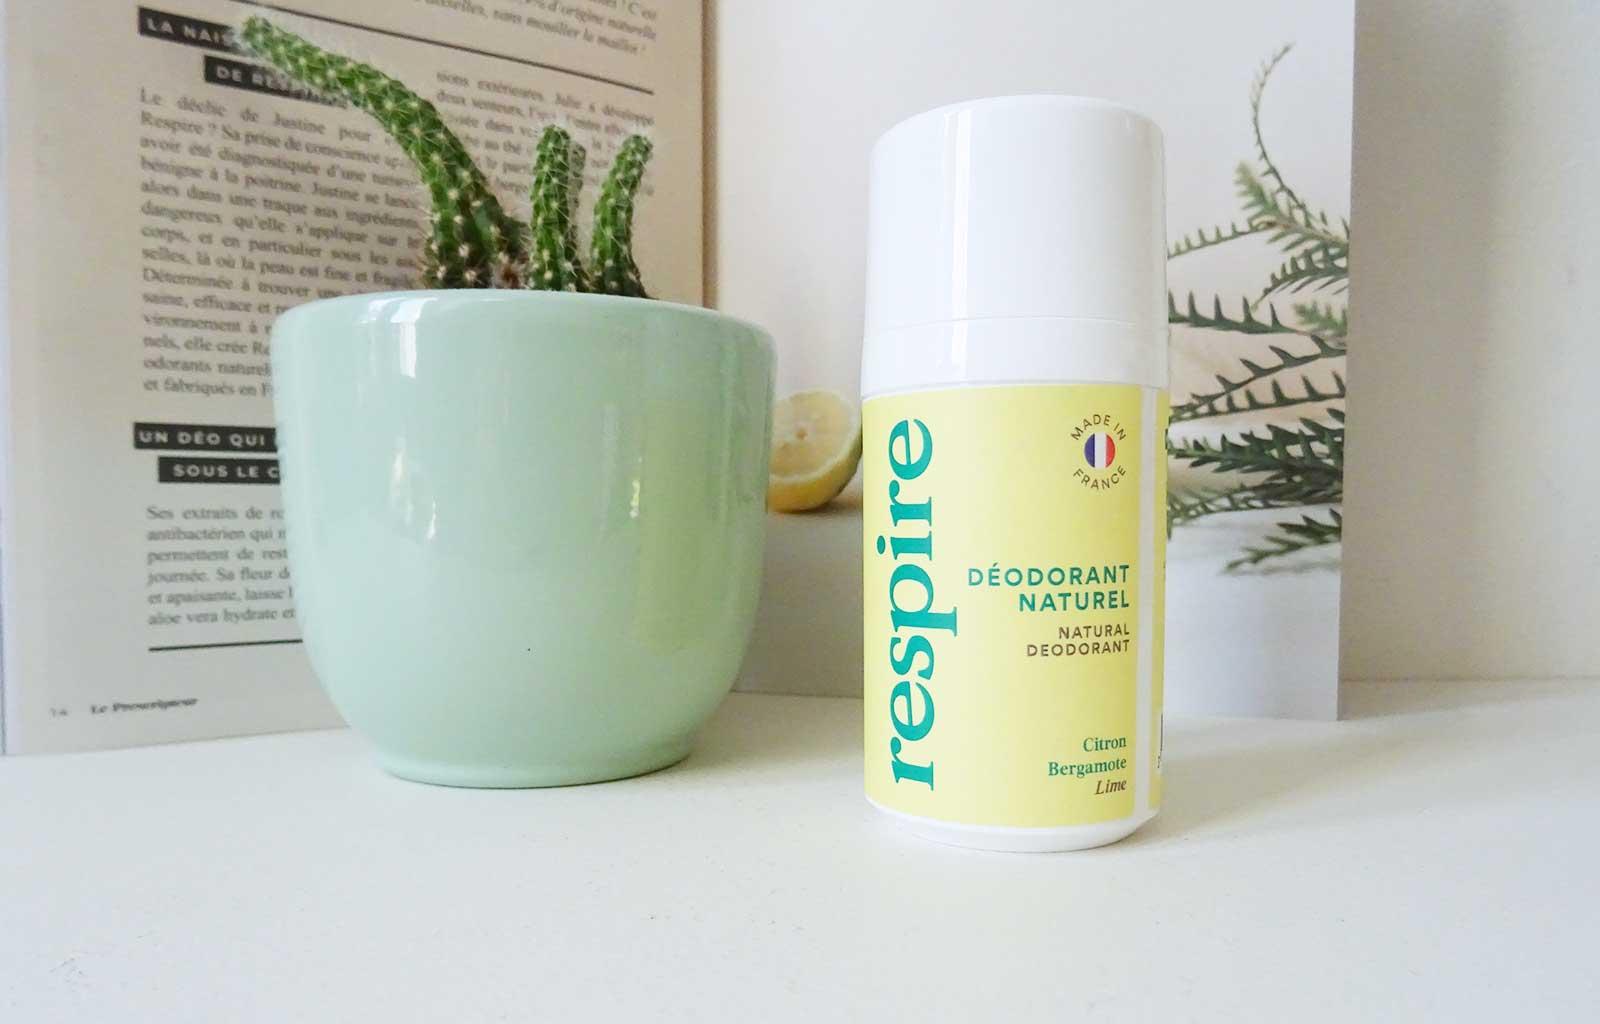 Respire, déodorant naturel citron bergamote